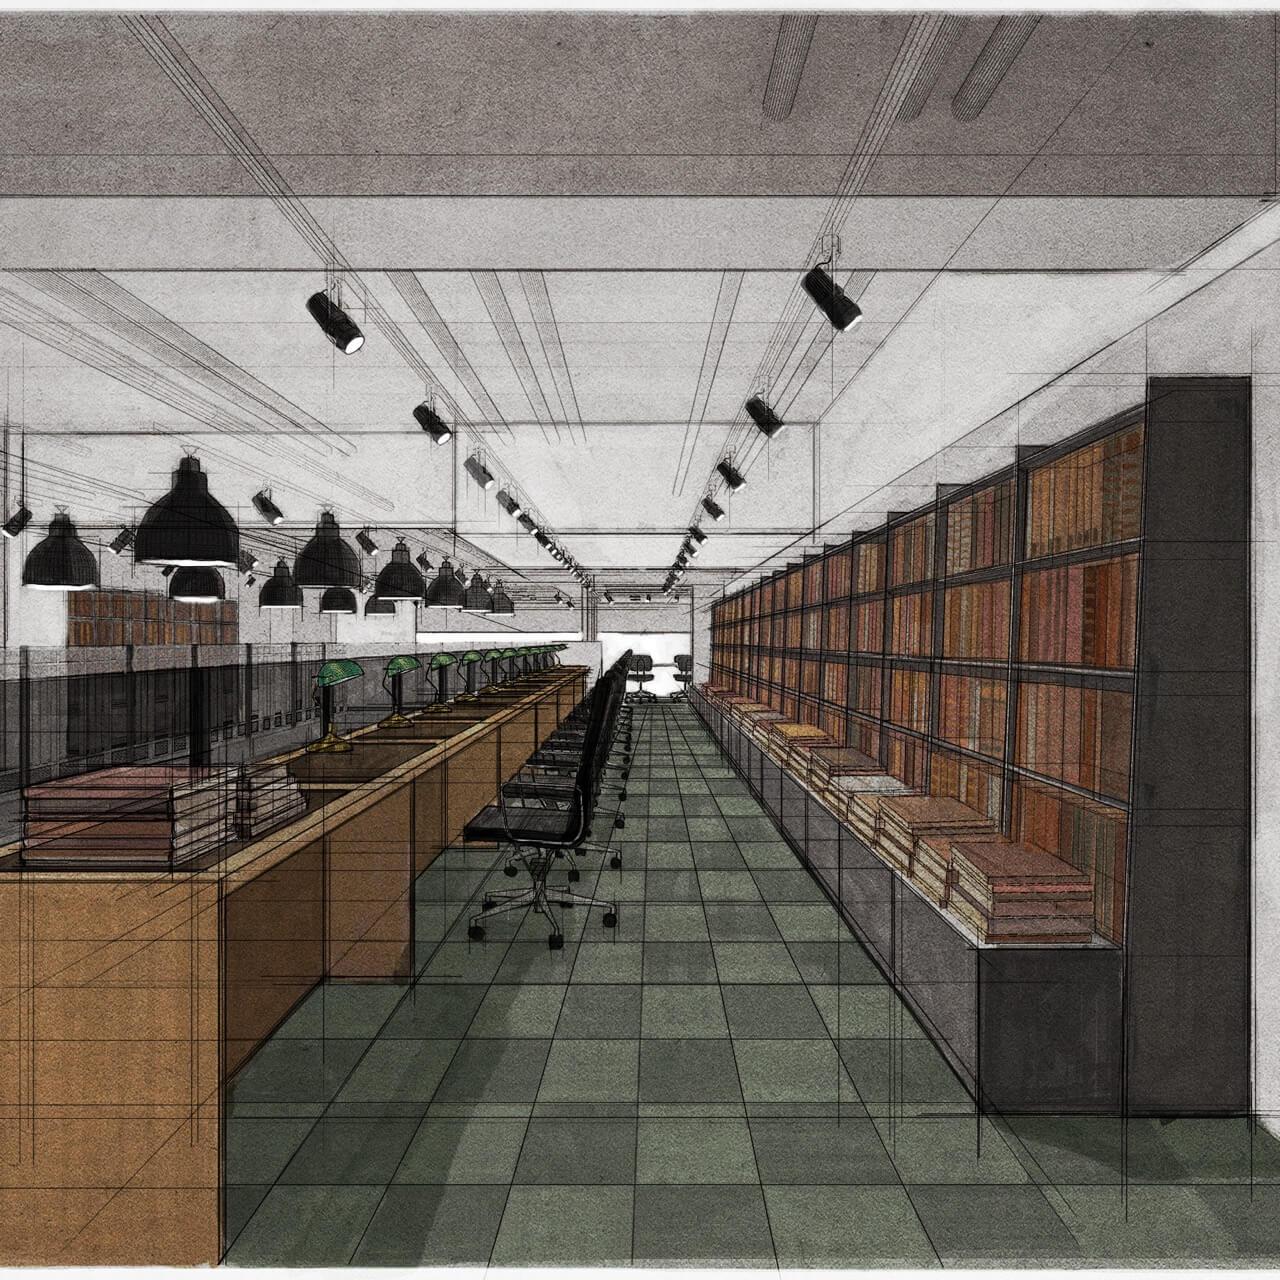 入場料1,500円の本屋?最高の空間で約3万冊の書籍を楽しむ本屋「文喫」が六本木にオープン